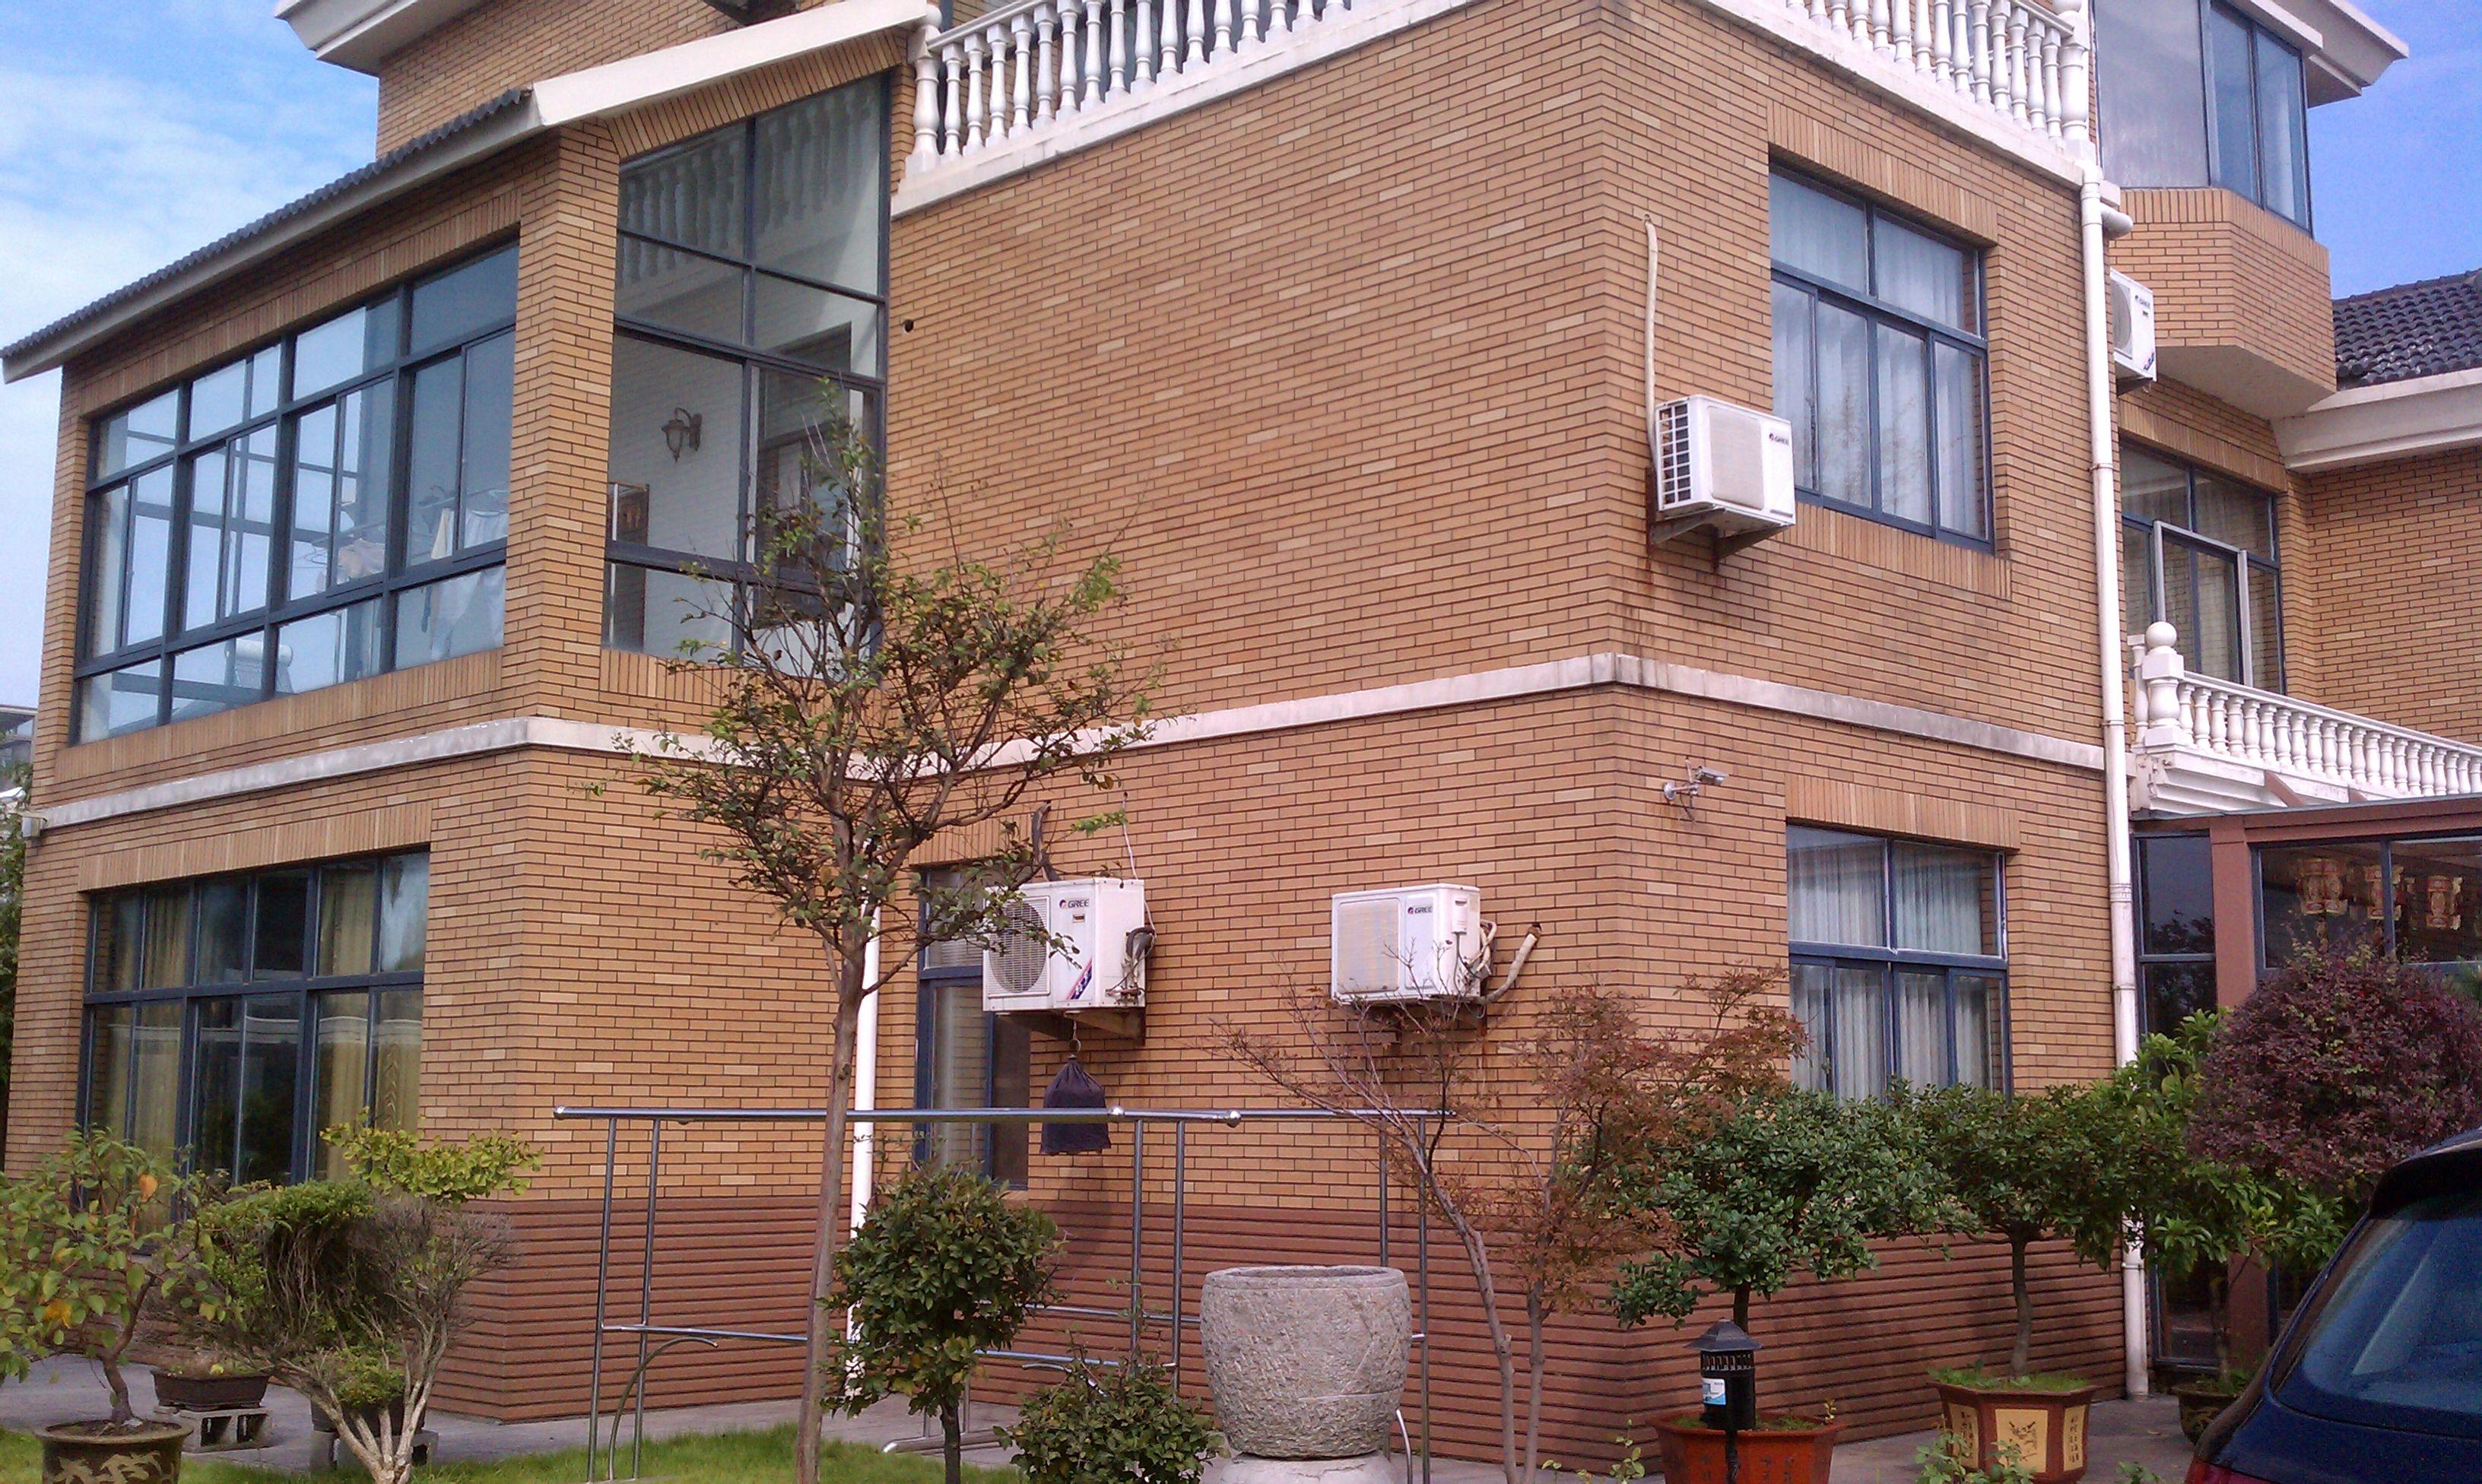 瓷砖贴外墙效果图_大厅贴瓷砖效果图高清图片舍内外墙别墅图片